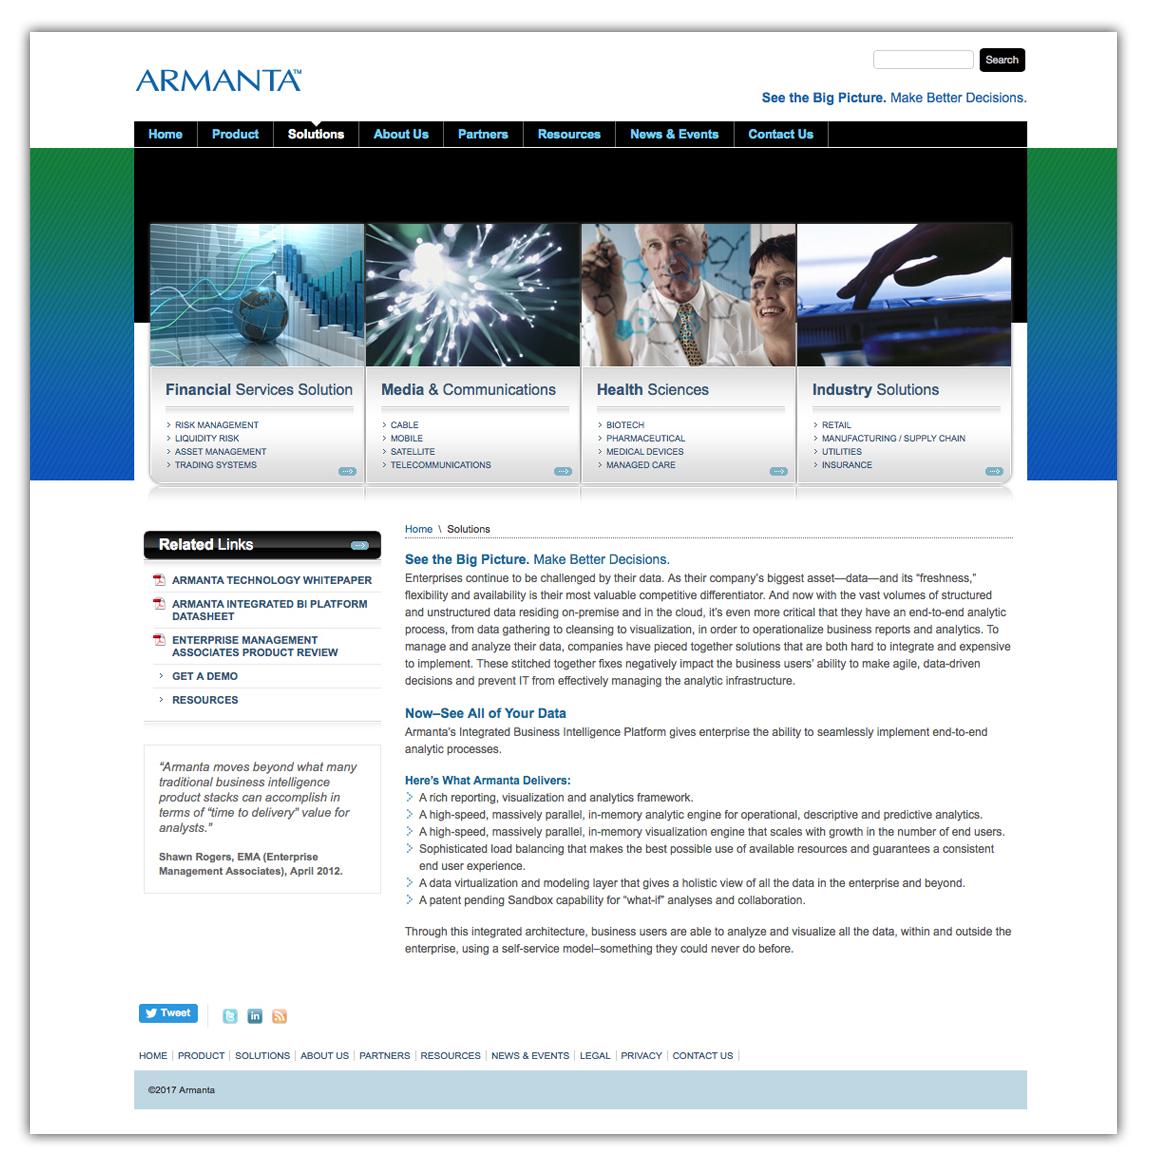 Armanta_Web_Page2